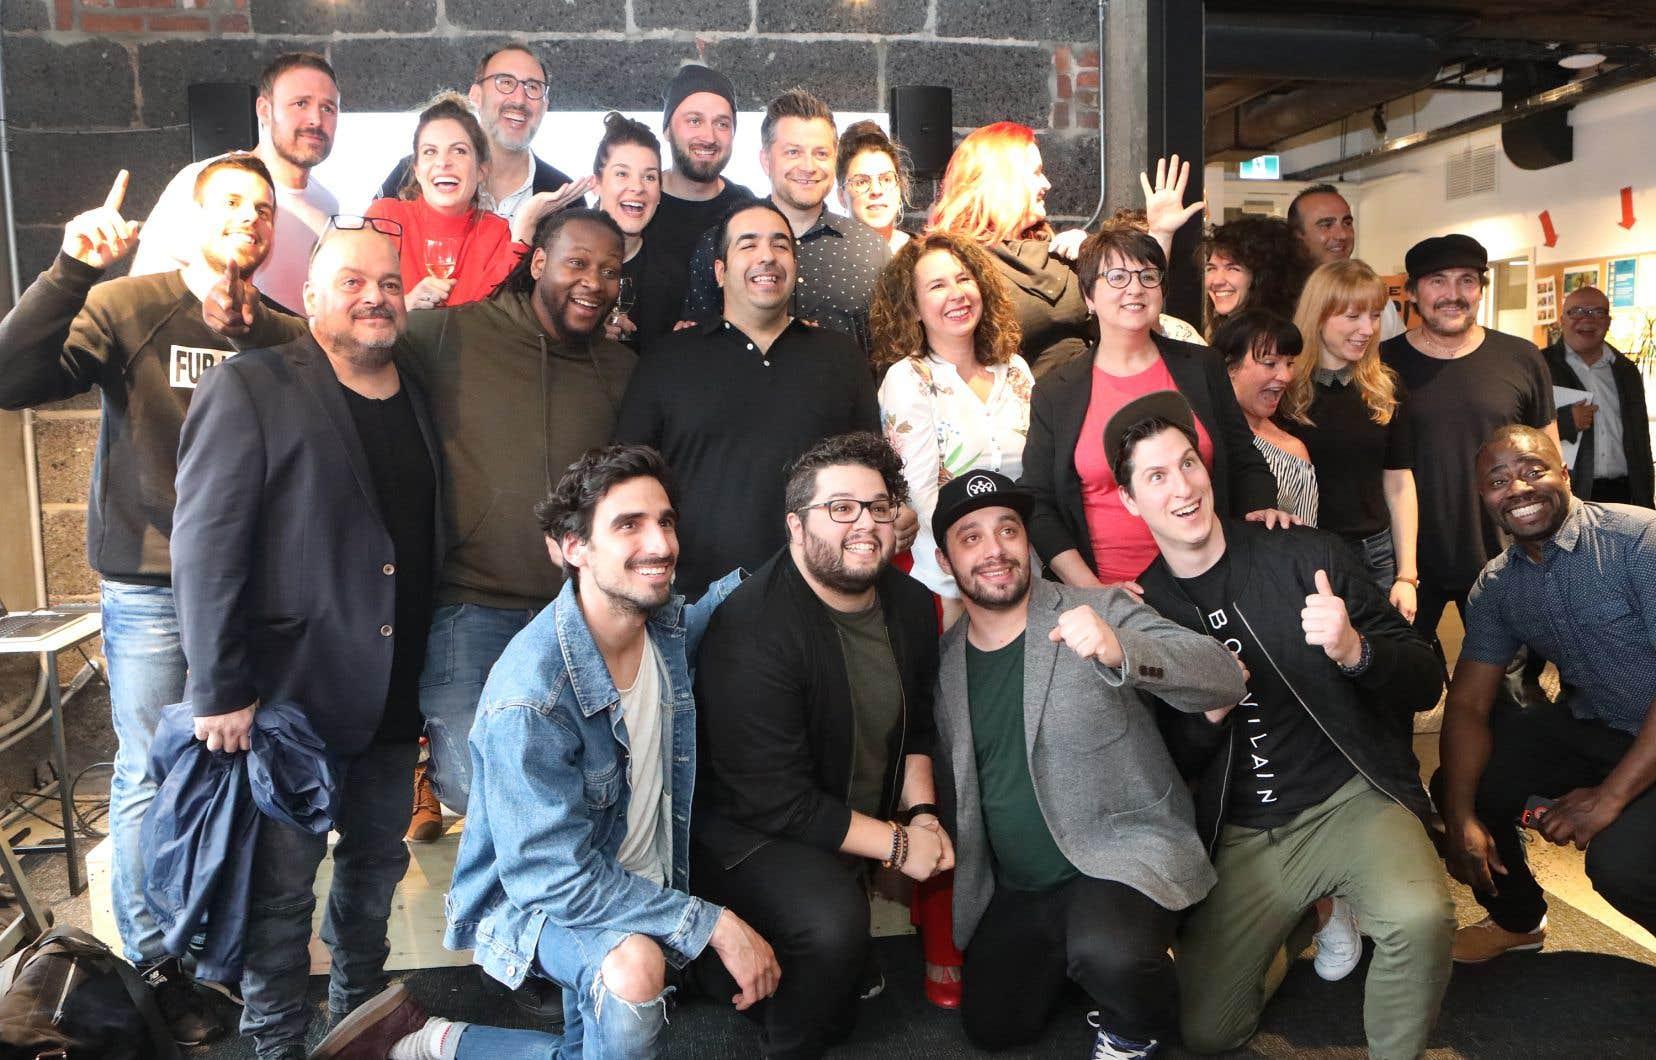 Le Grand Montréal comédie fest lancera sa première édition avec une grande fête rassemblant 100 humoristes au Théâtre Olympia.